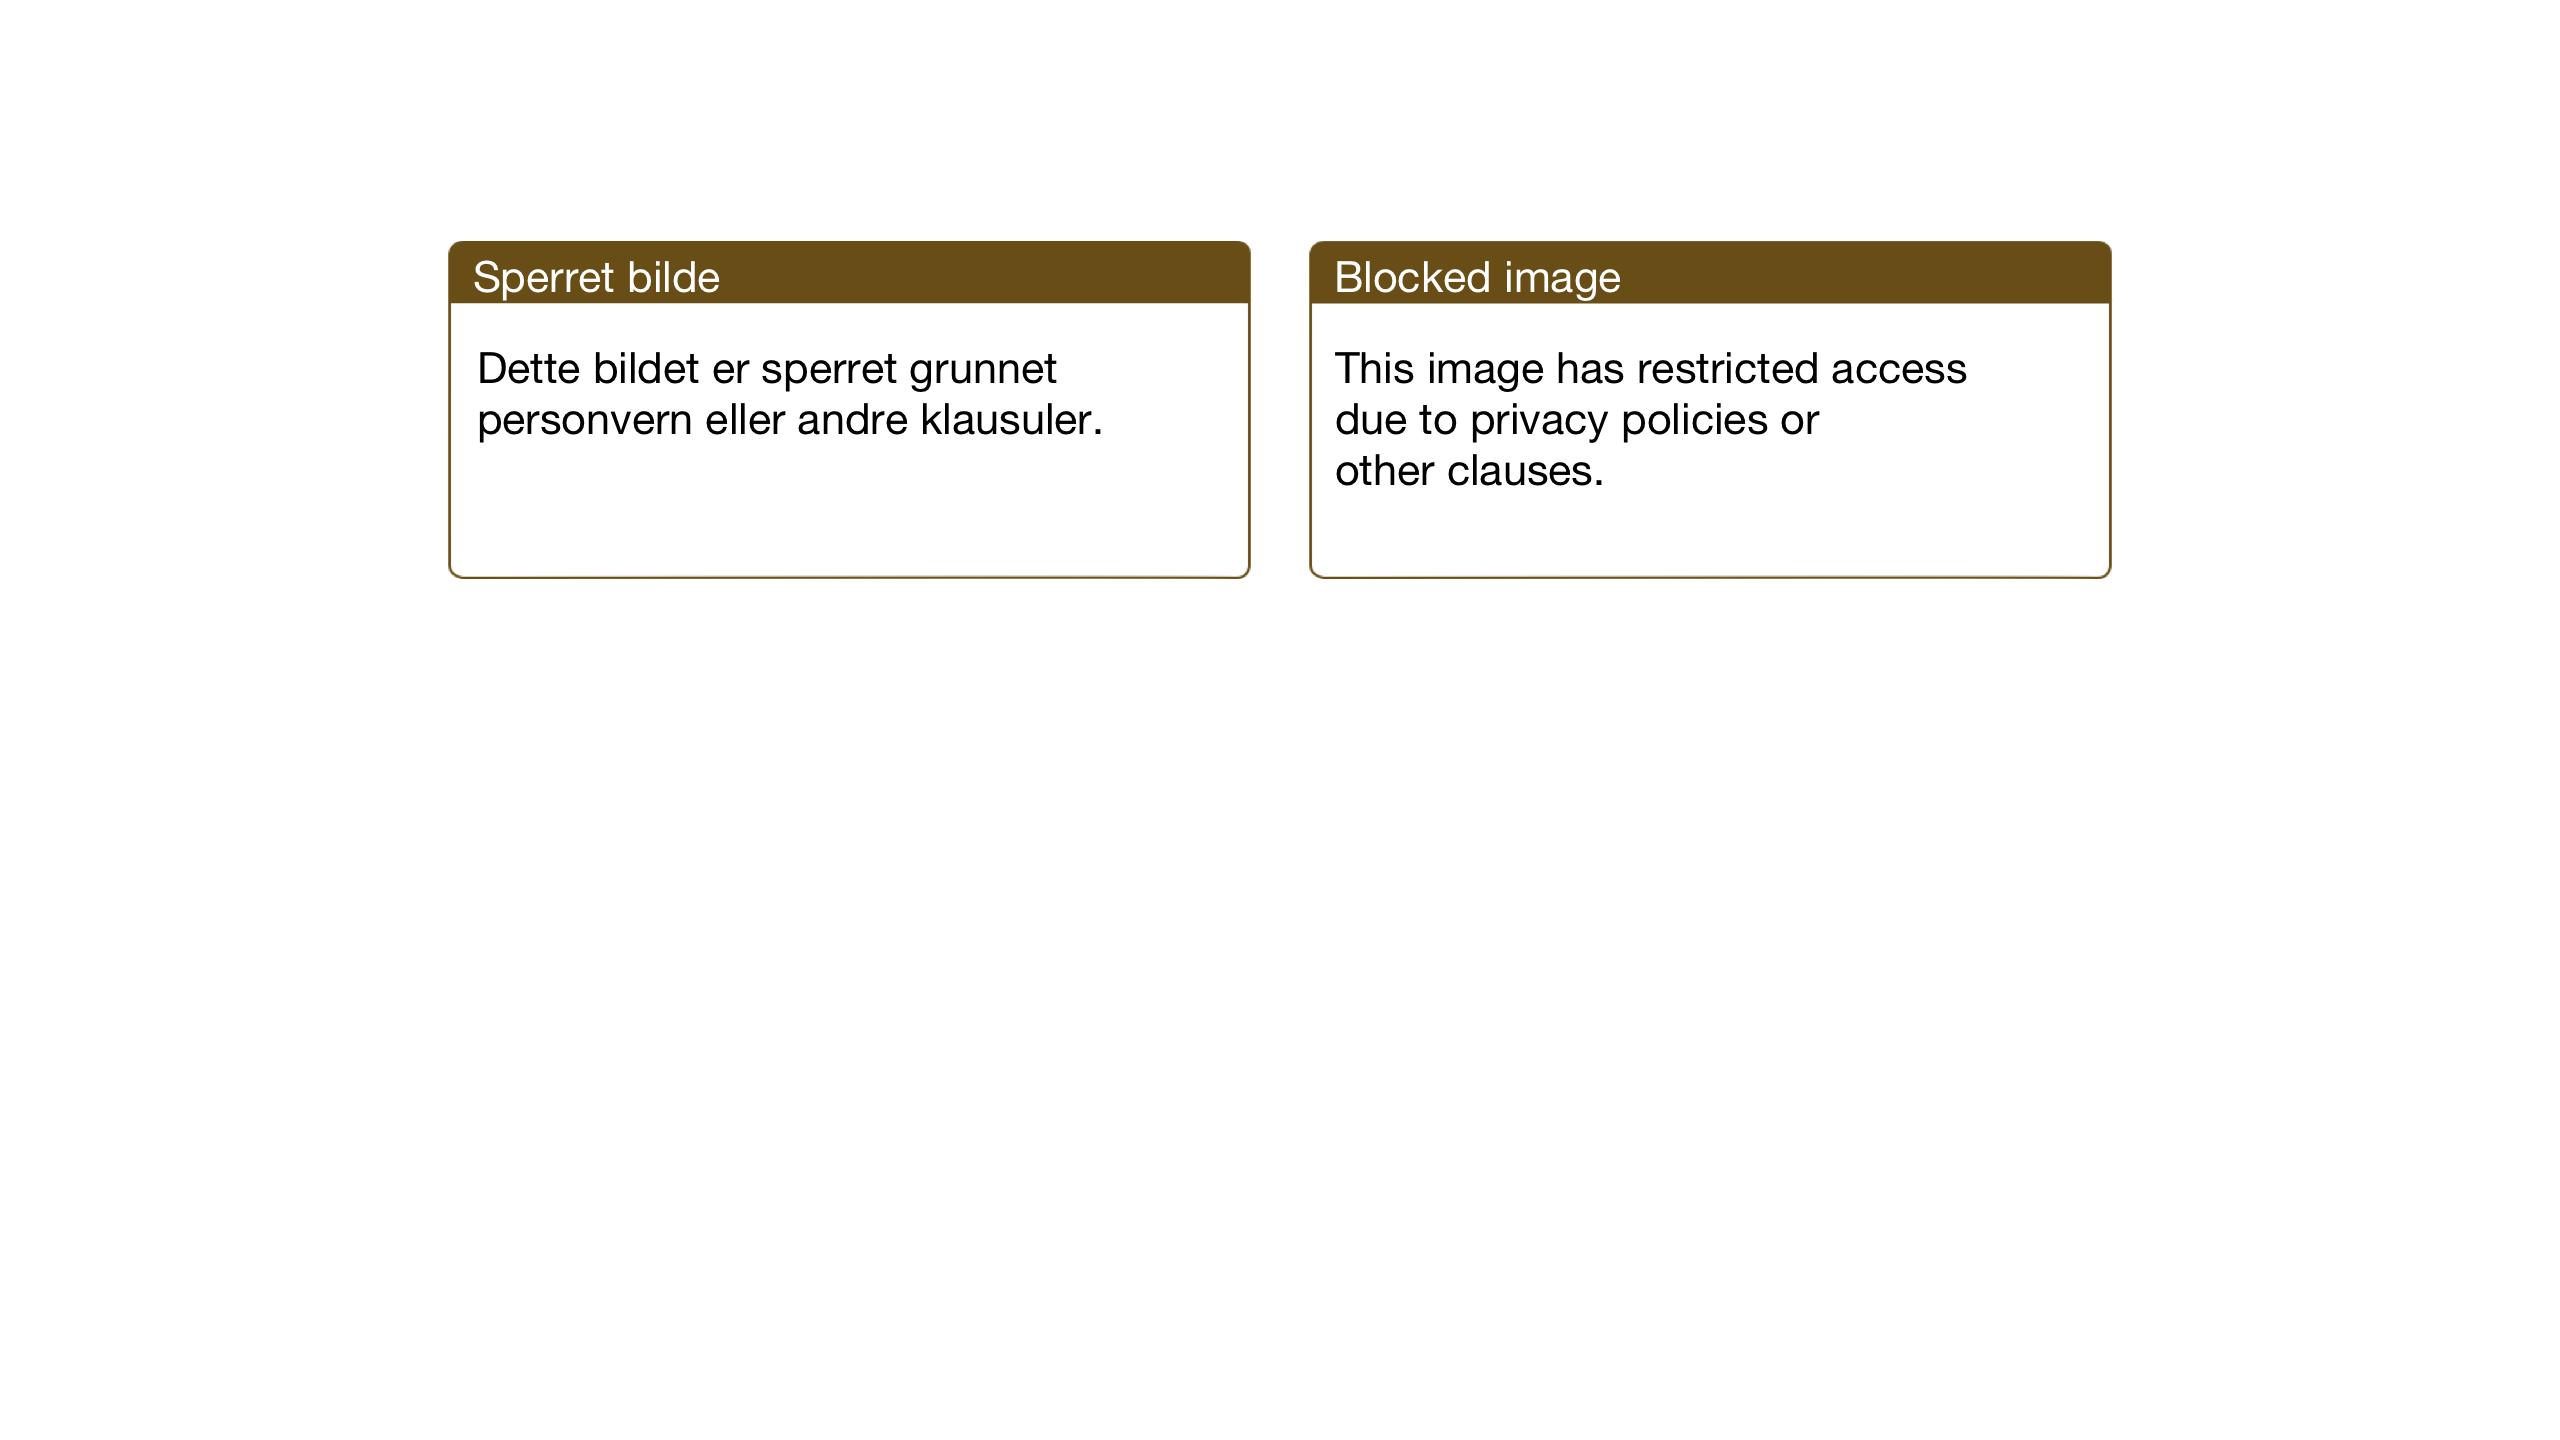 SAT, Ministerialprotokoller, klokkerbøker og fødselsregistre - Nord-Trøndelag, 730/L0303: Klokkerbok nr. 730C06, 1924-1933, s. 30